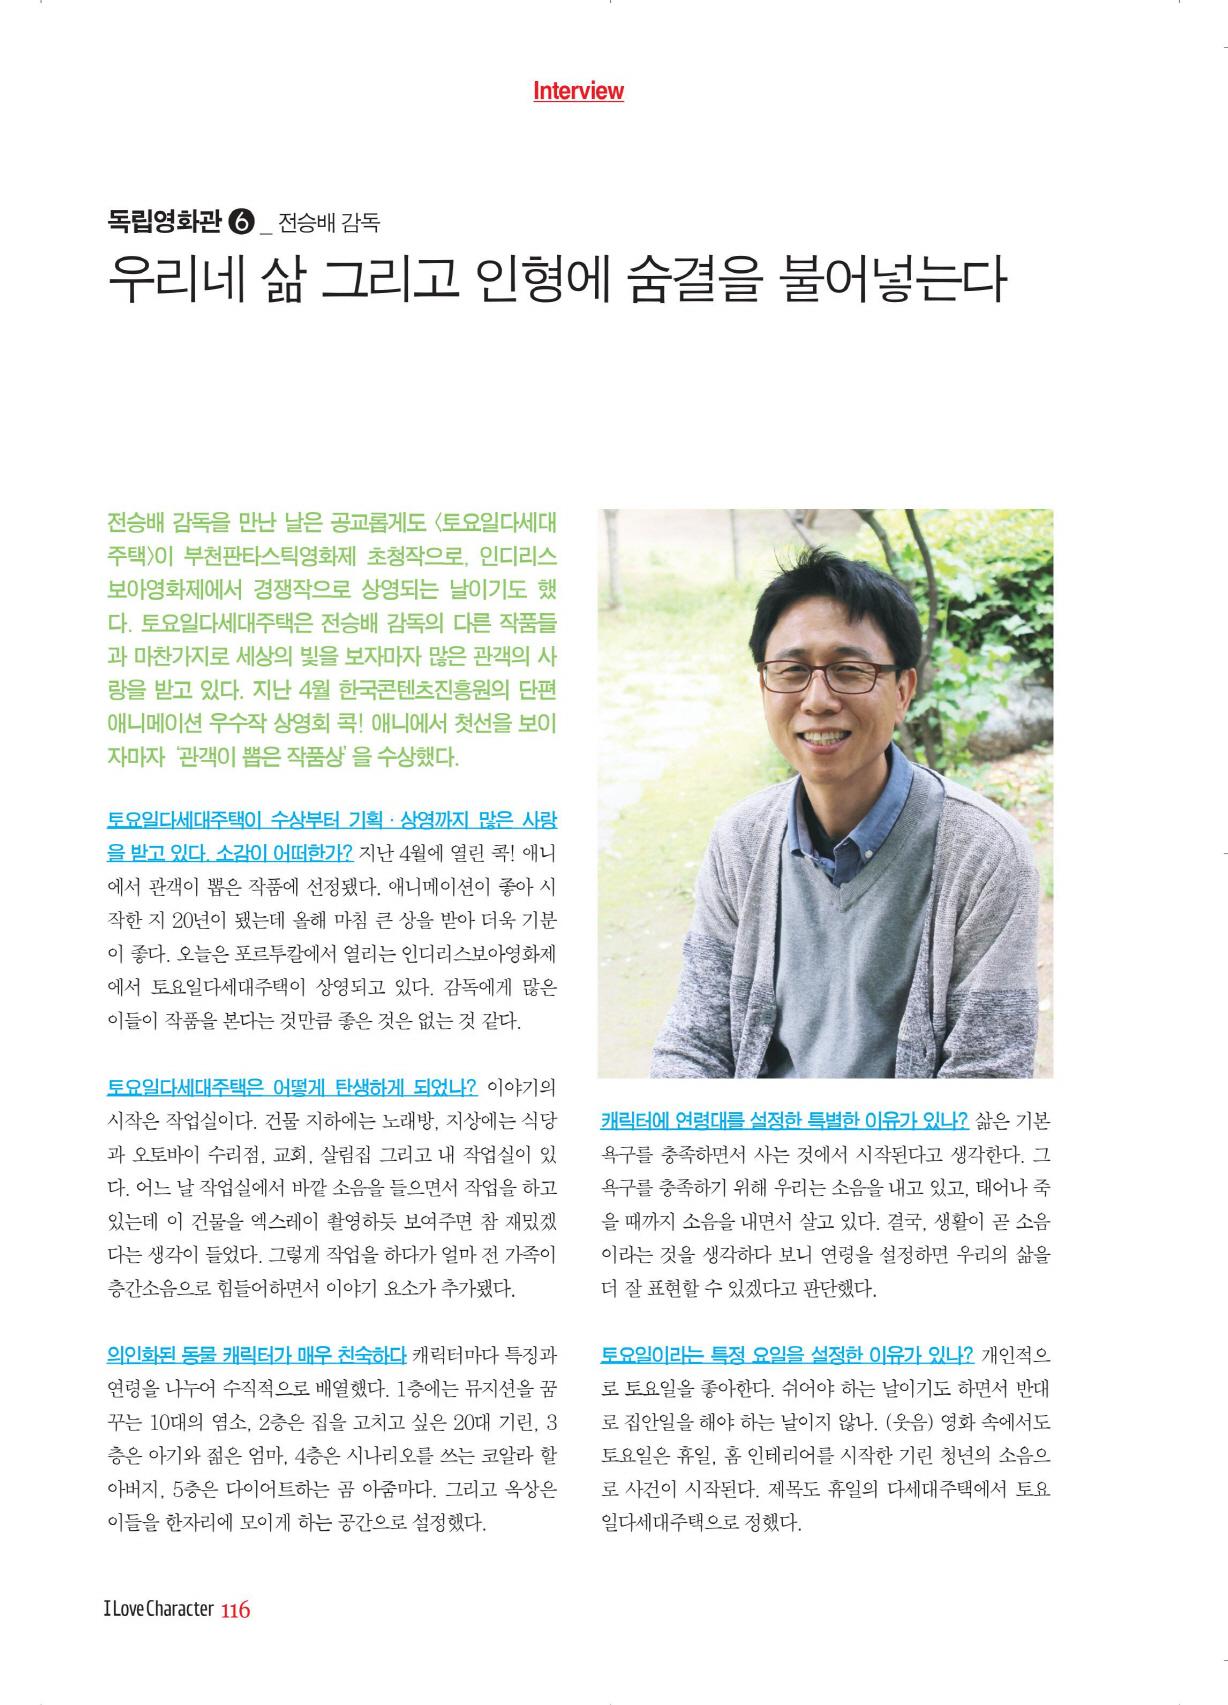 ILC_JEON_Seungbae01.jpg